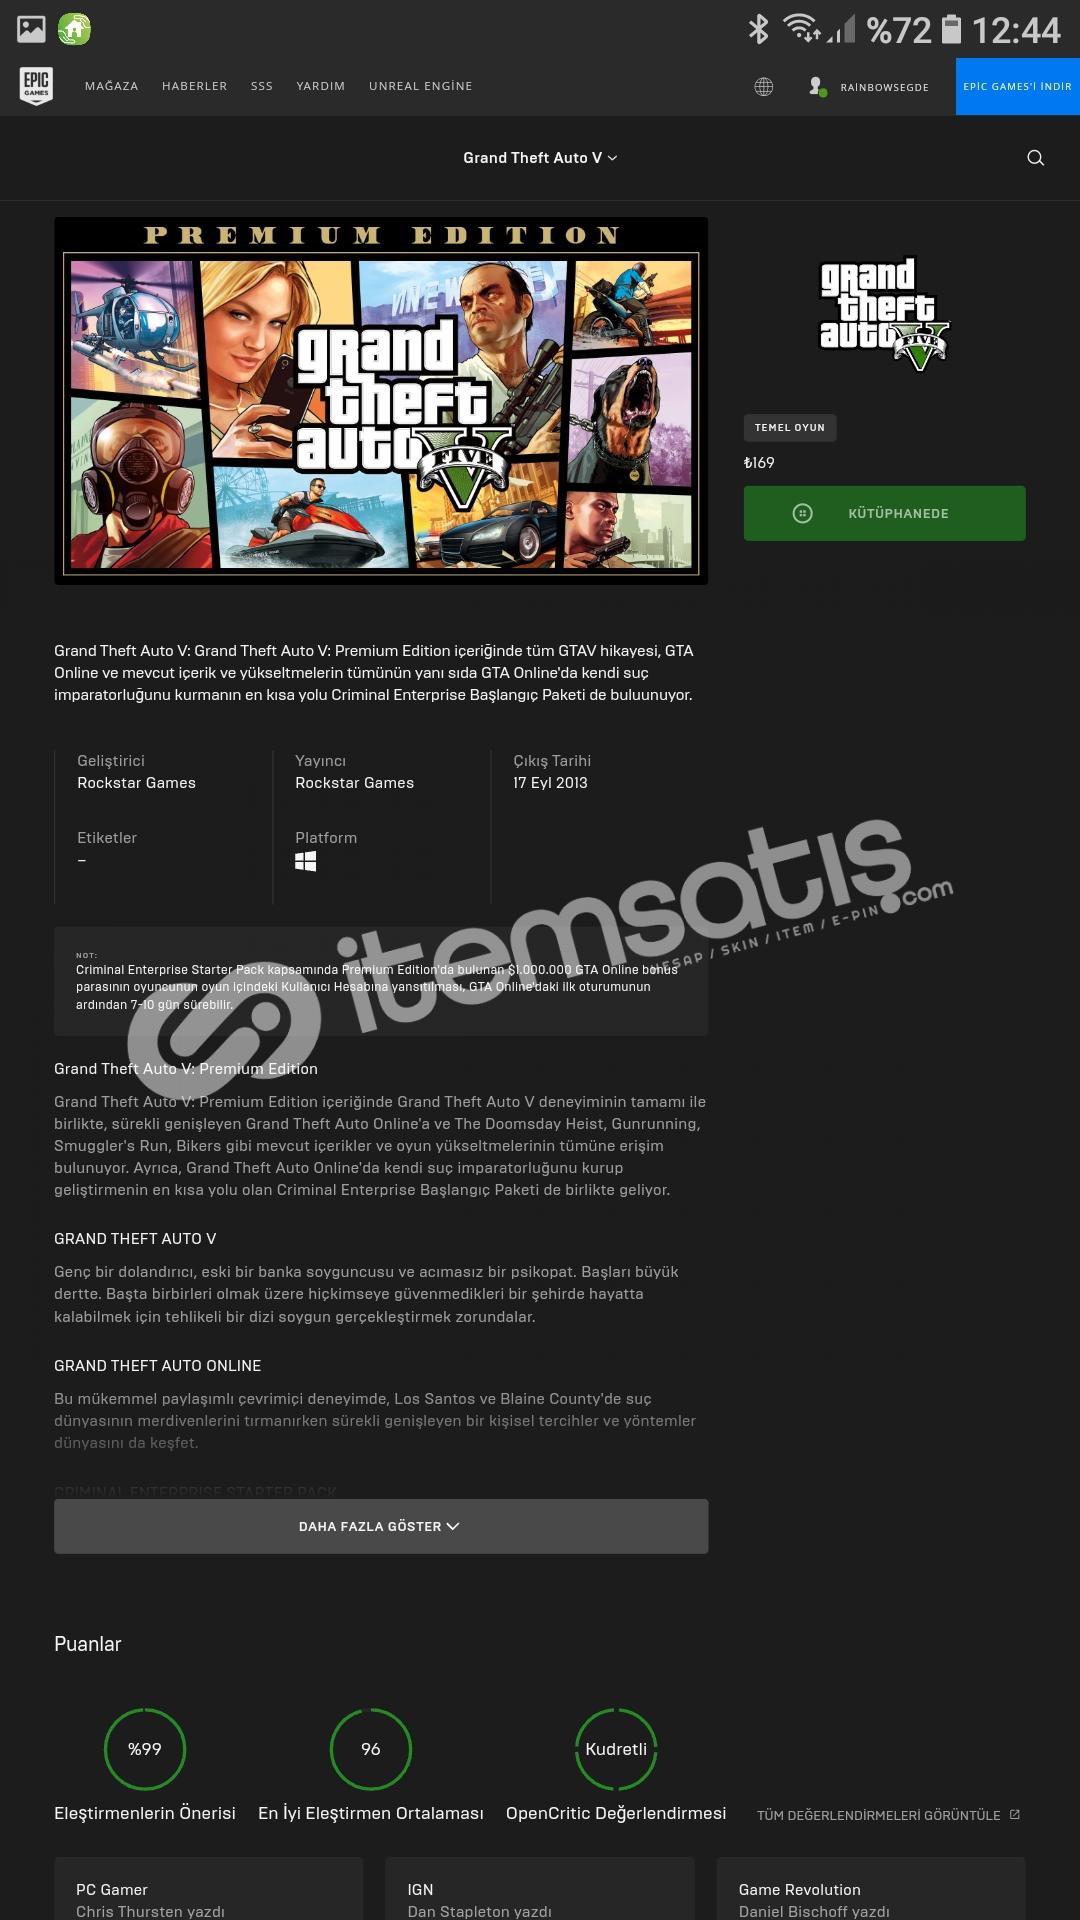 GTA 5 li epic games hesabı